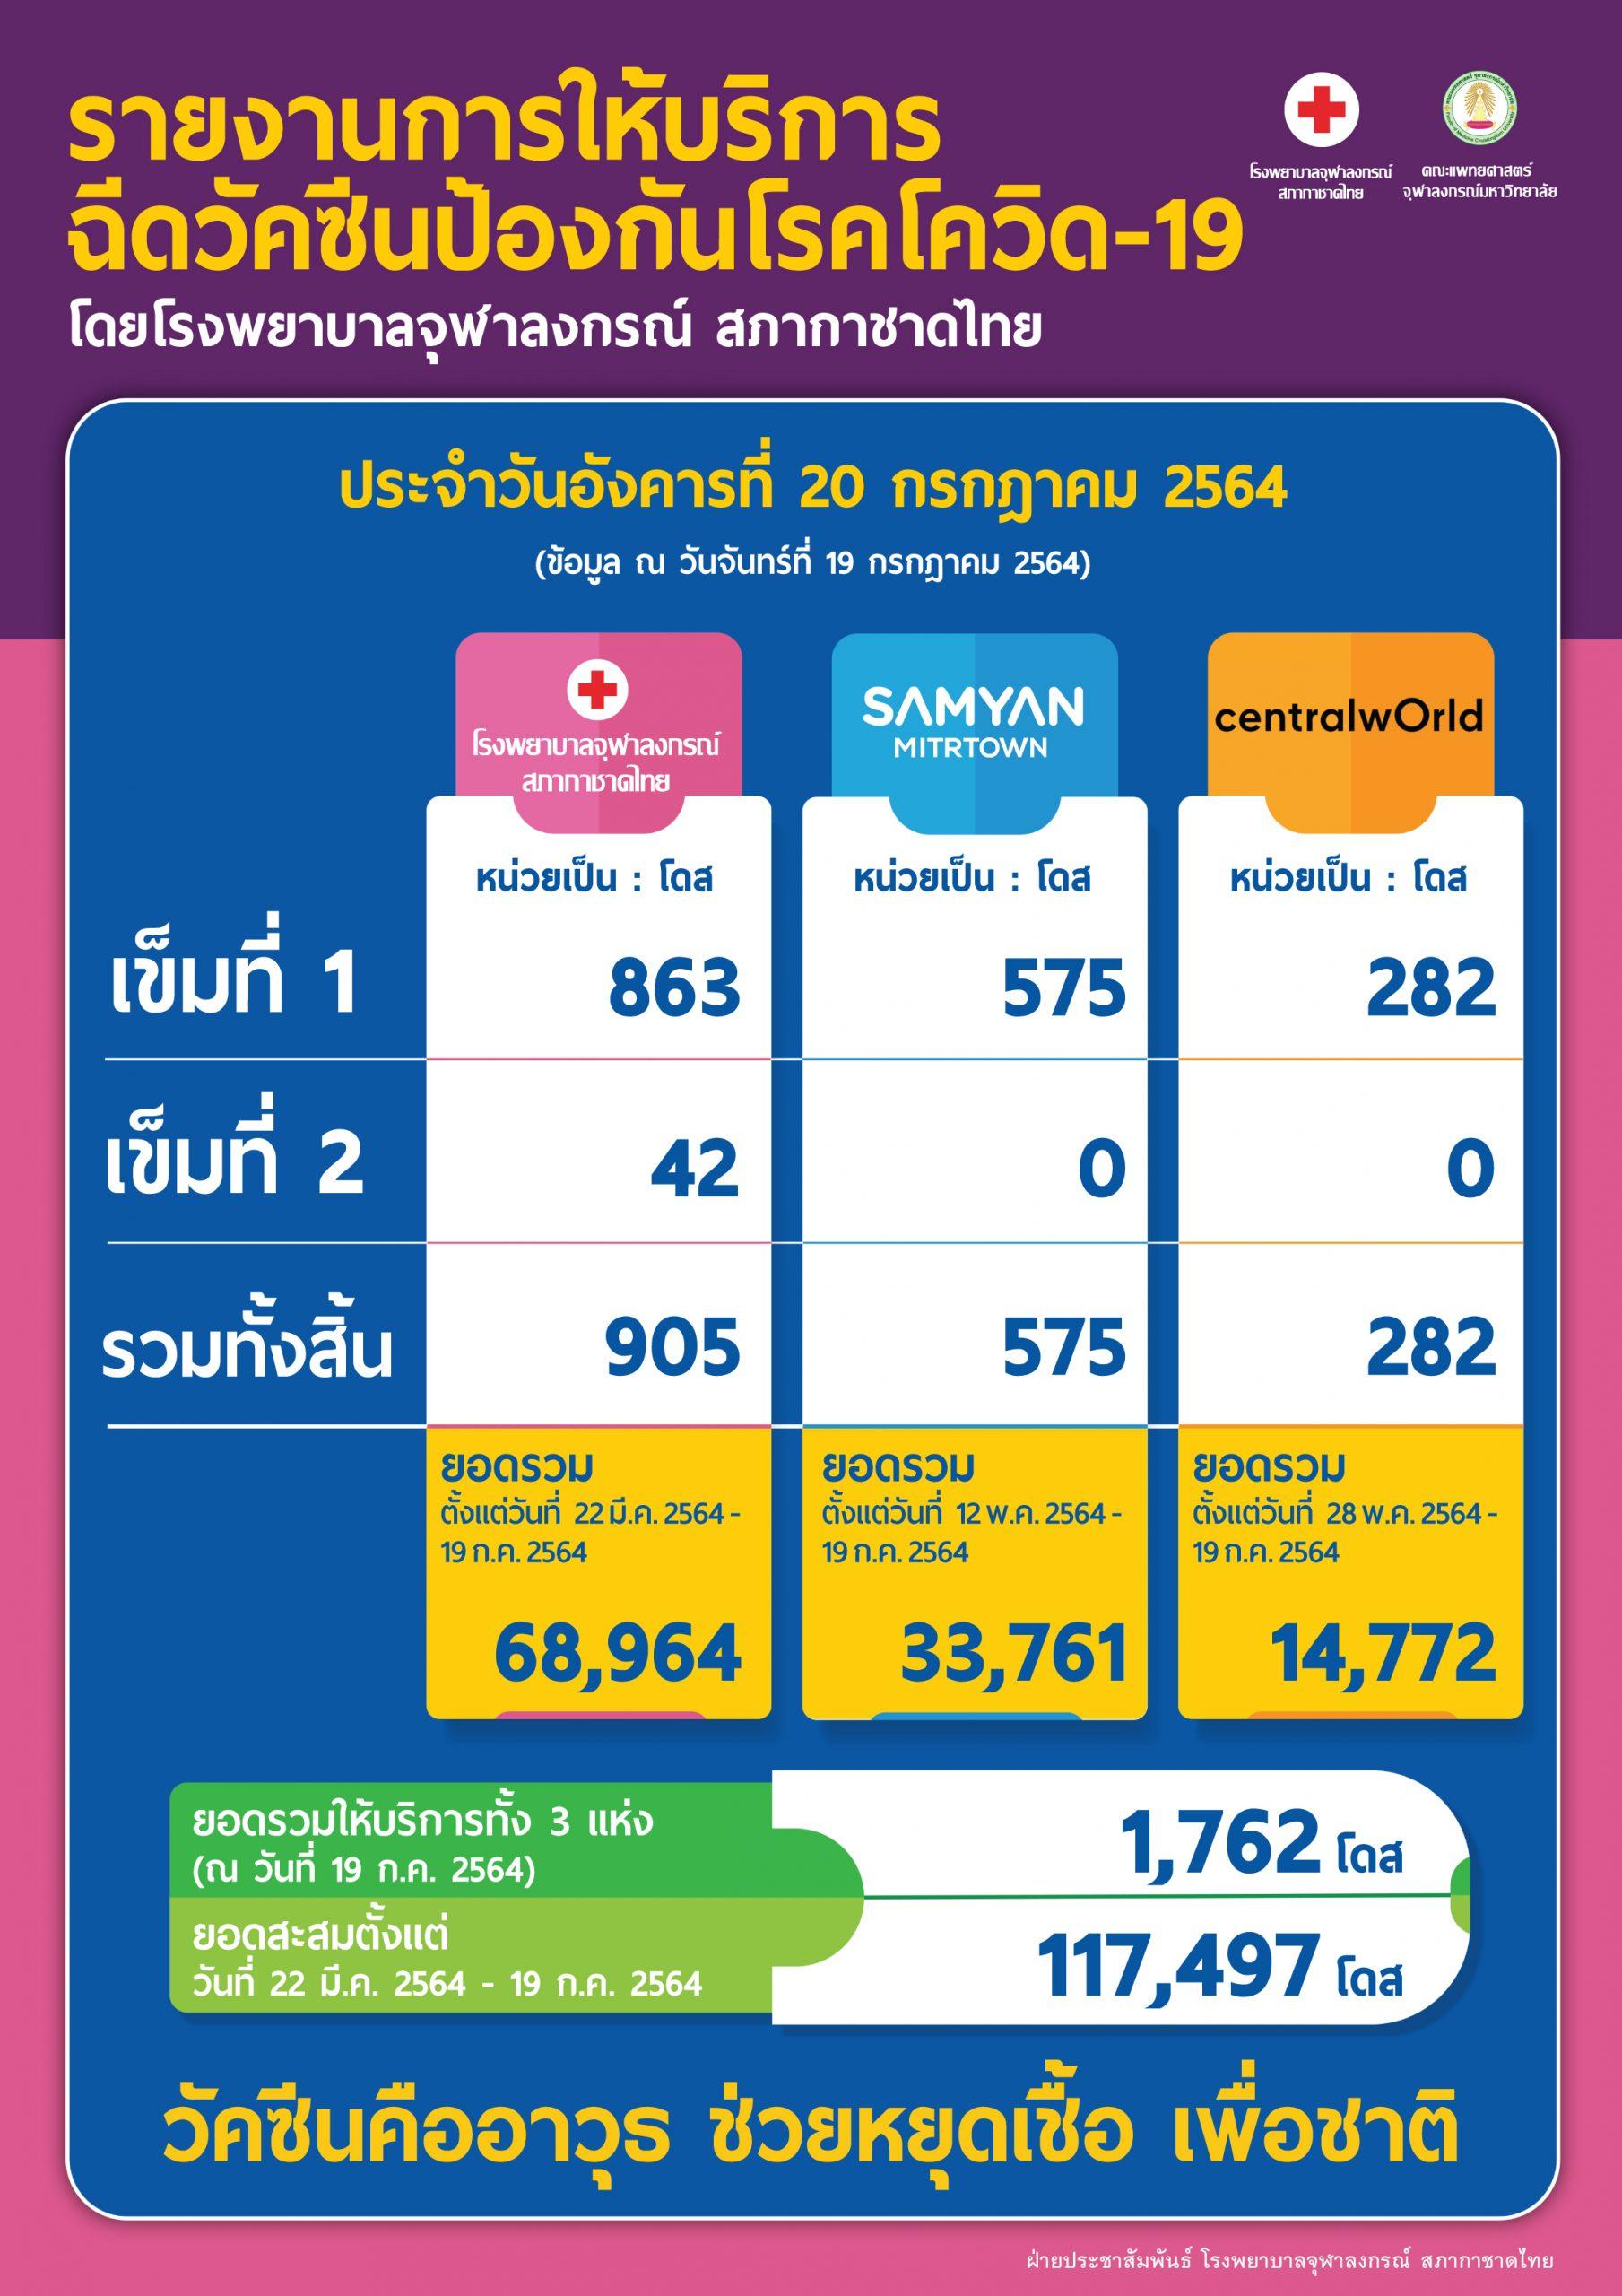 รายงานการให้บริการฉีดวัคซีนป้องกันโรคโควิด-19 โดยโรงพยาบาลจุฬาลงกรณ์ สภากาชาดไทย ประจำวันอังคารที่ 20 กรกฎาคม 2564